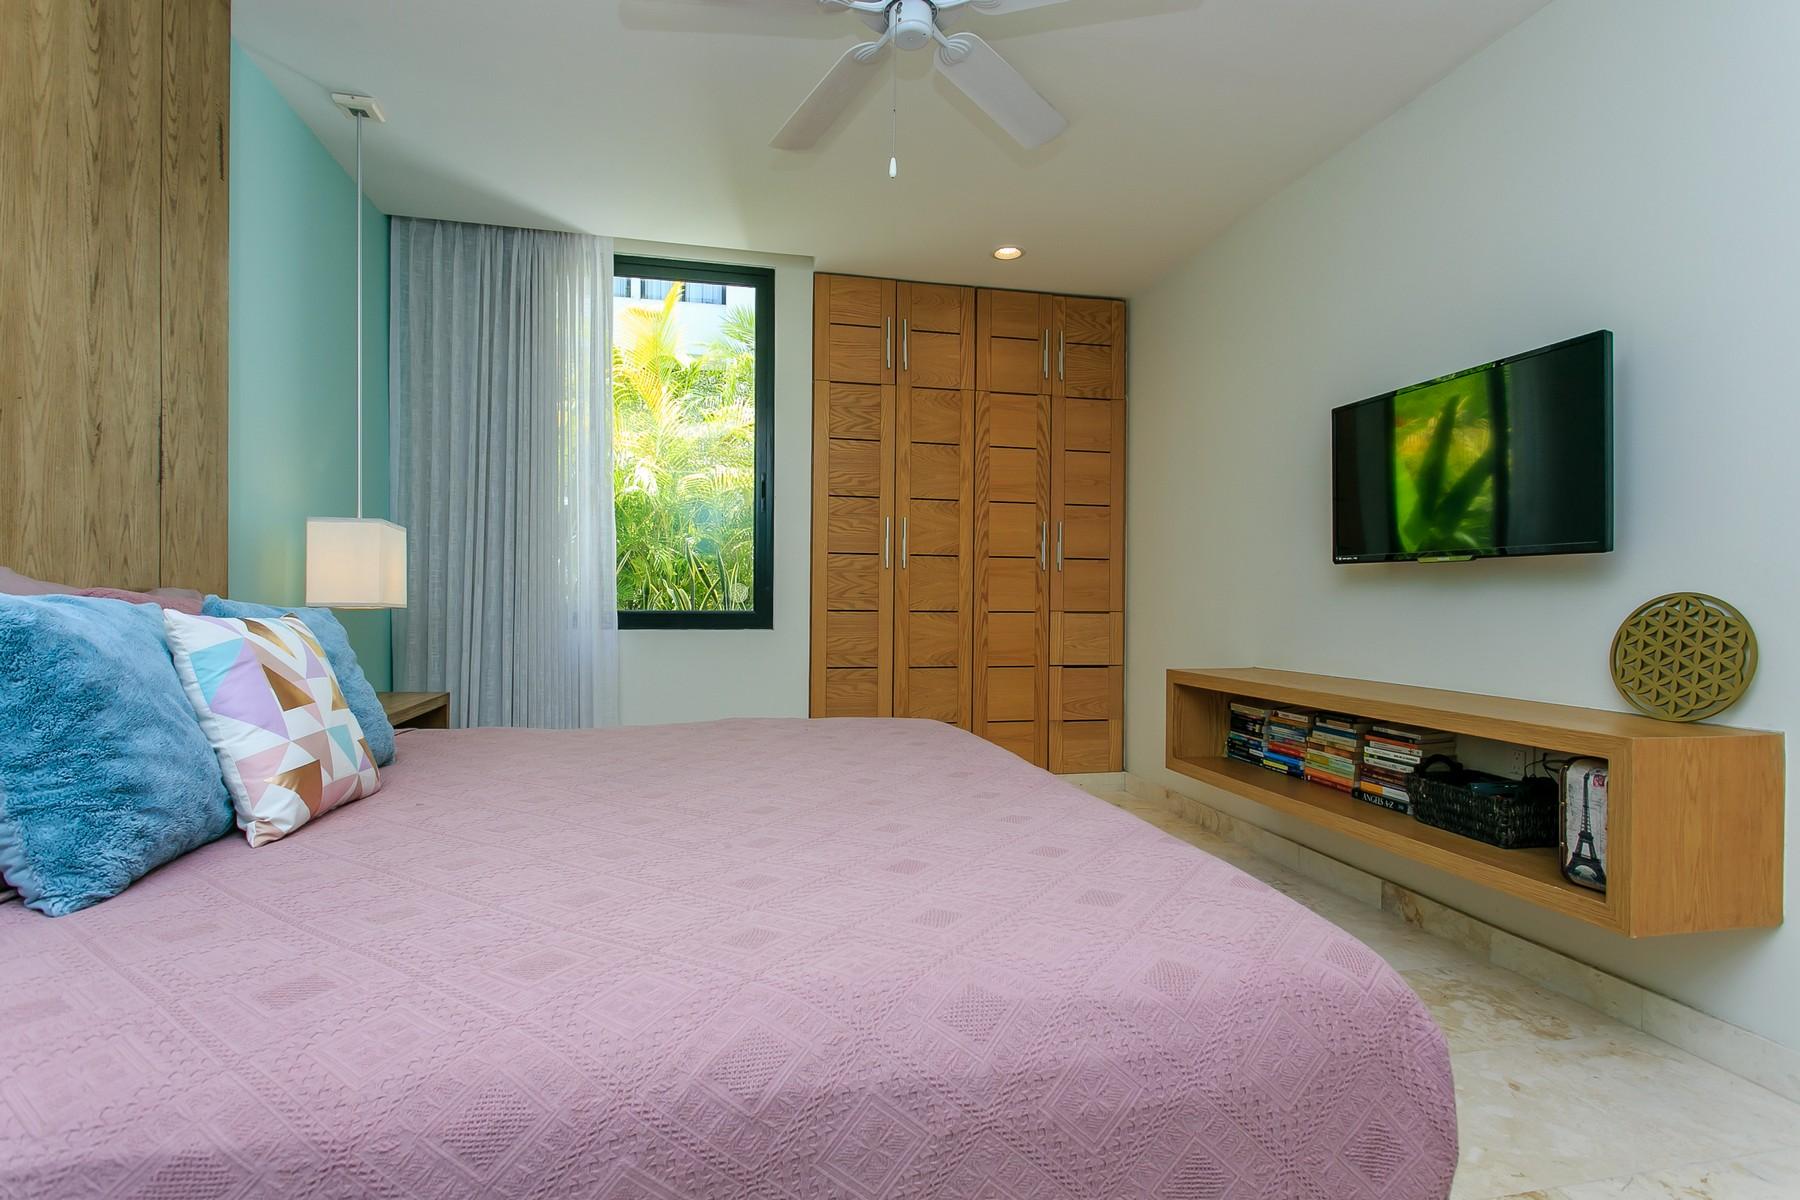 Additional photo for property listing at ENCANTADOR DEPARTAMENTO DE UNA RECÁMARA EN EL CENTRO Charming one bedroom condo in downtown Ave. 20 entre calle 14 bis y 16 Playa Del Carmen, Quintana Roo 77710 México